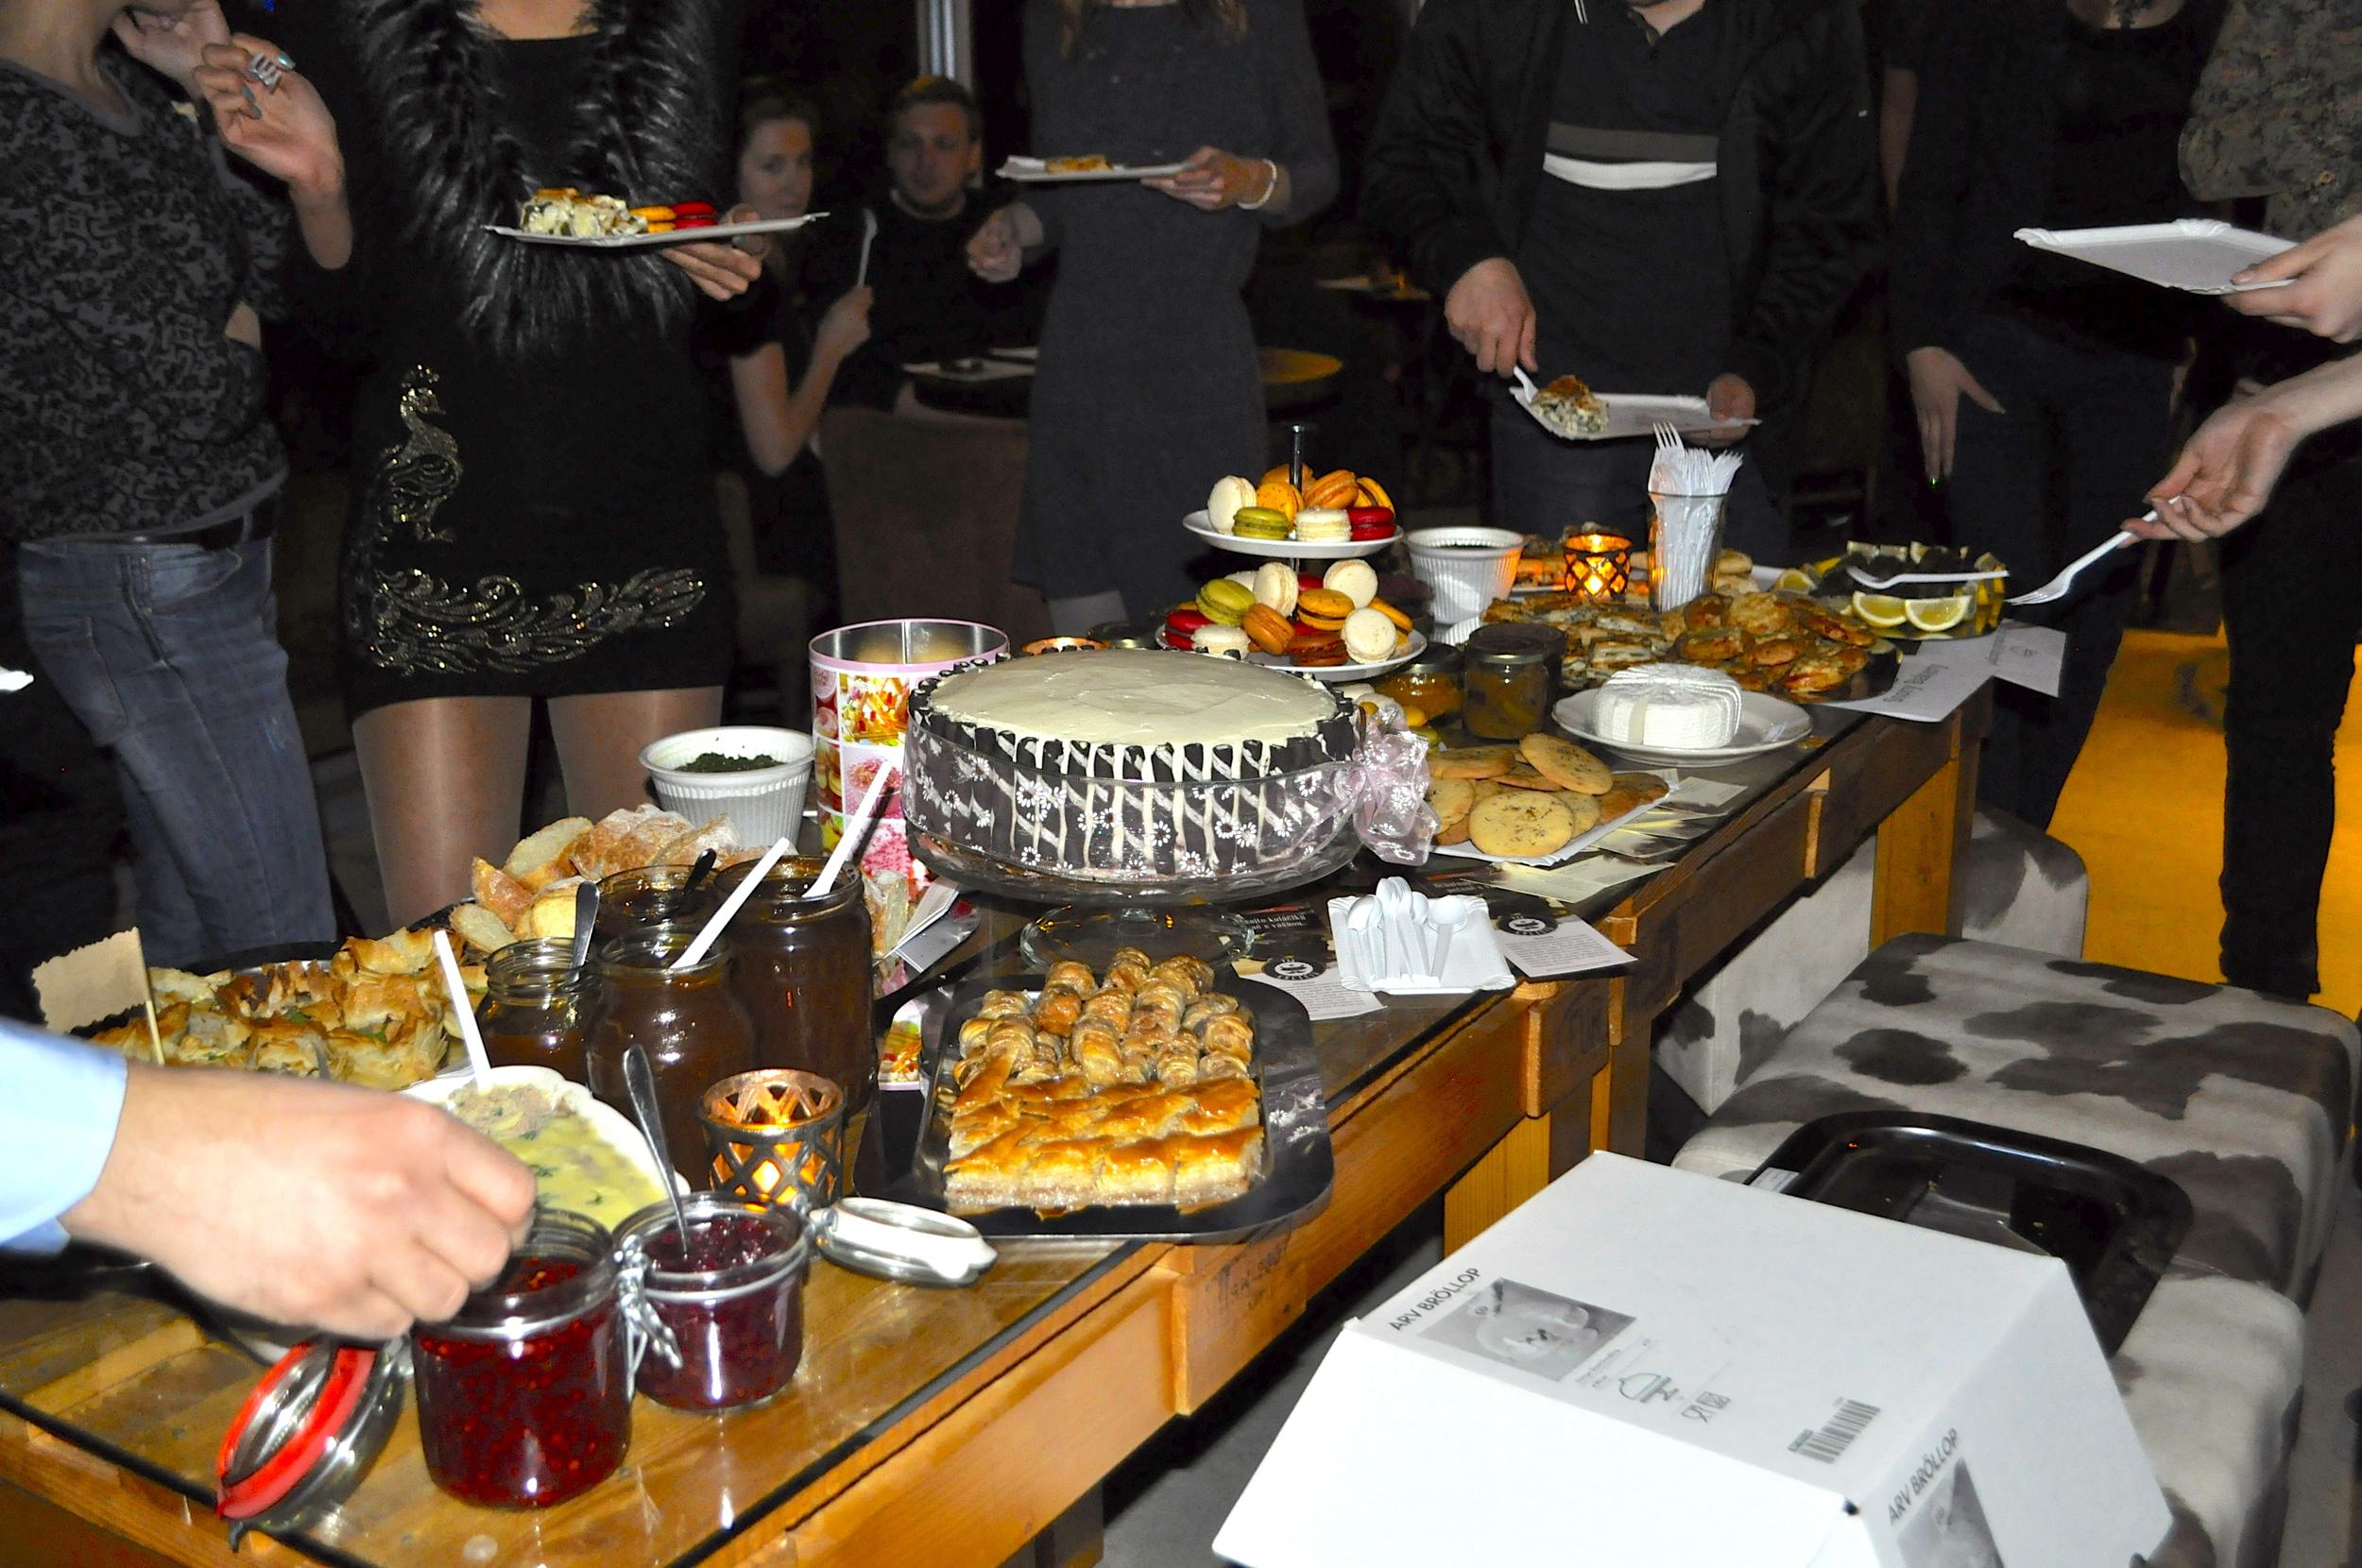 Jedla bolo oveľa viac, len sme precenili možnosti tohto stolíka. :)